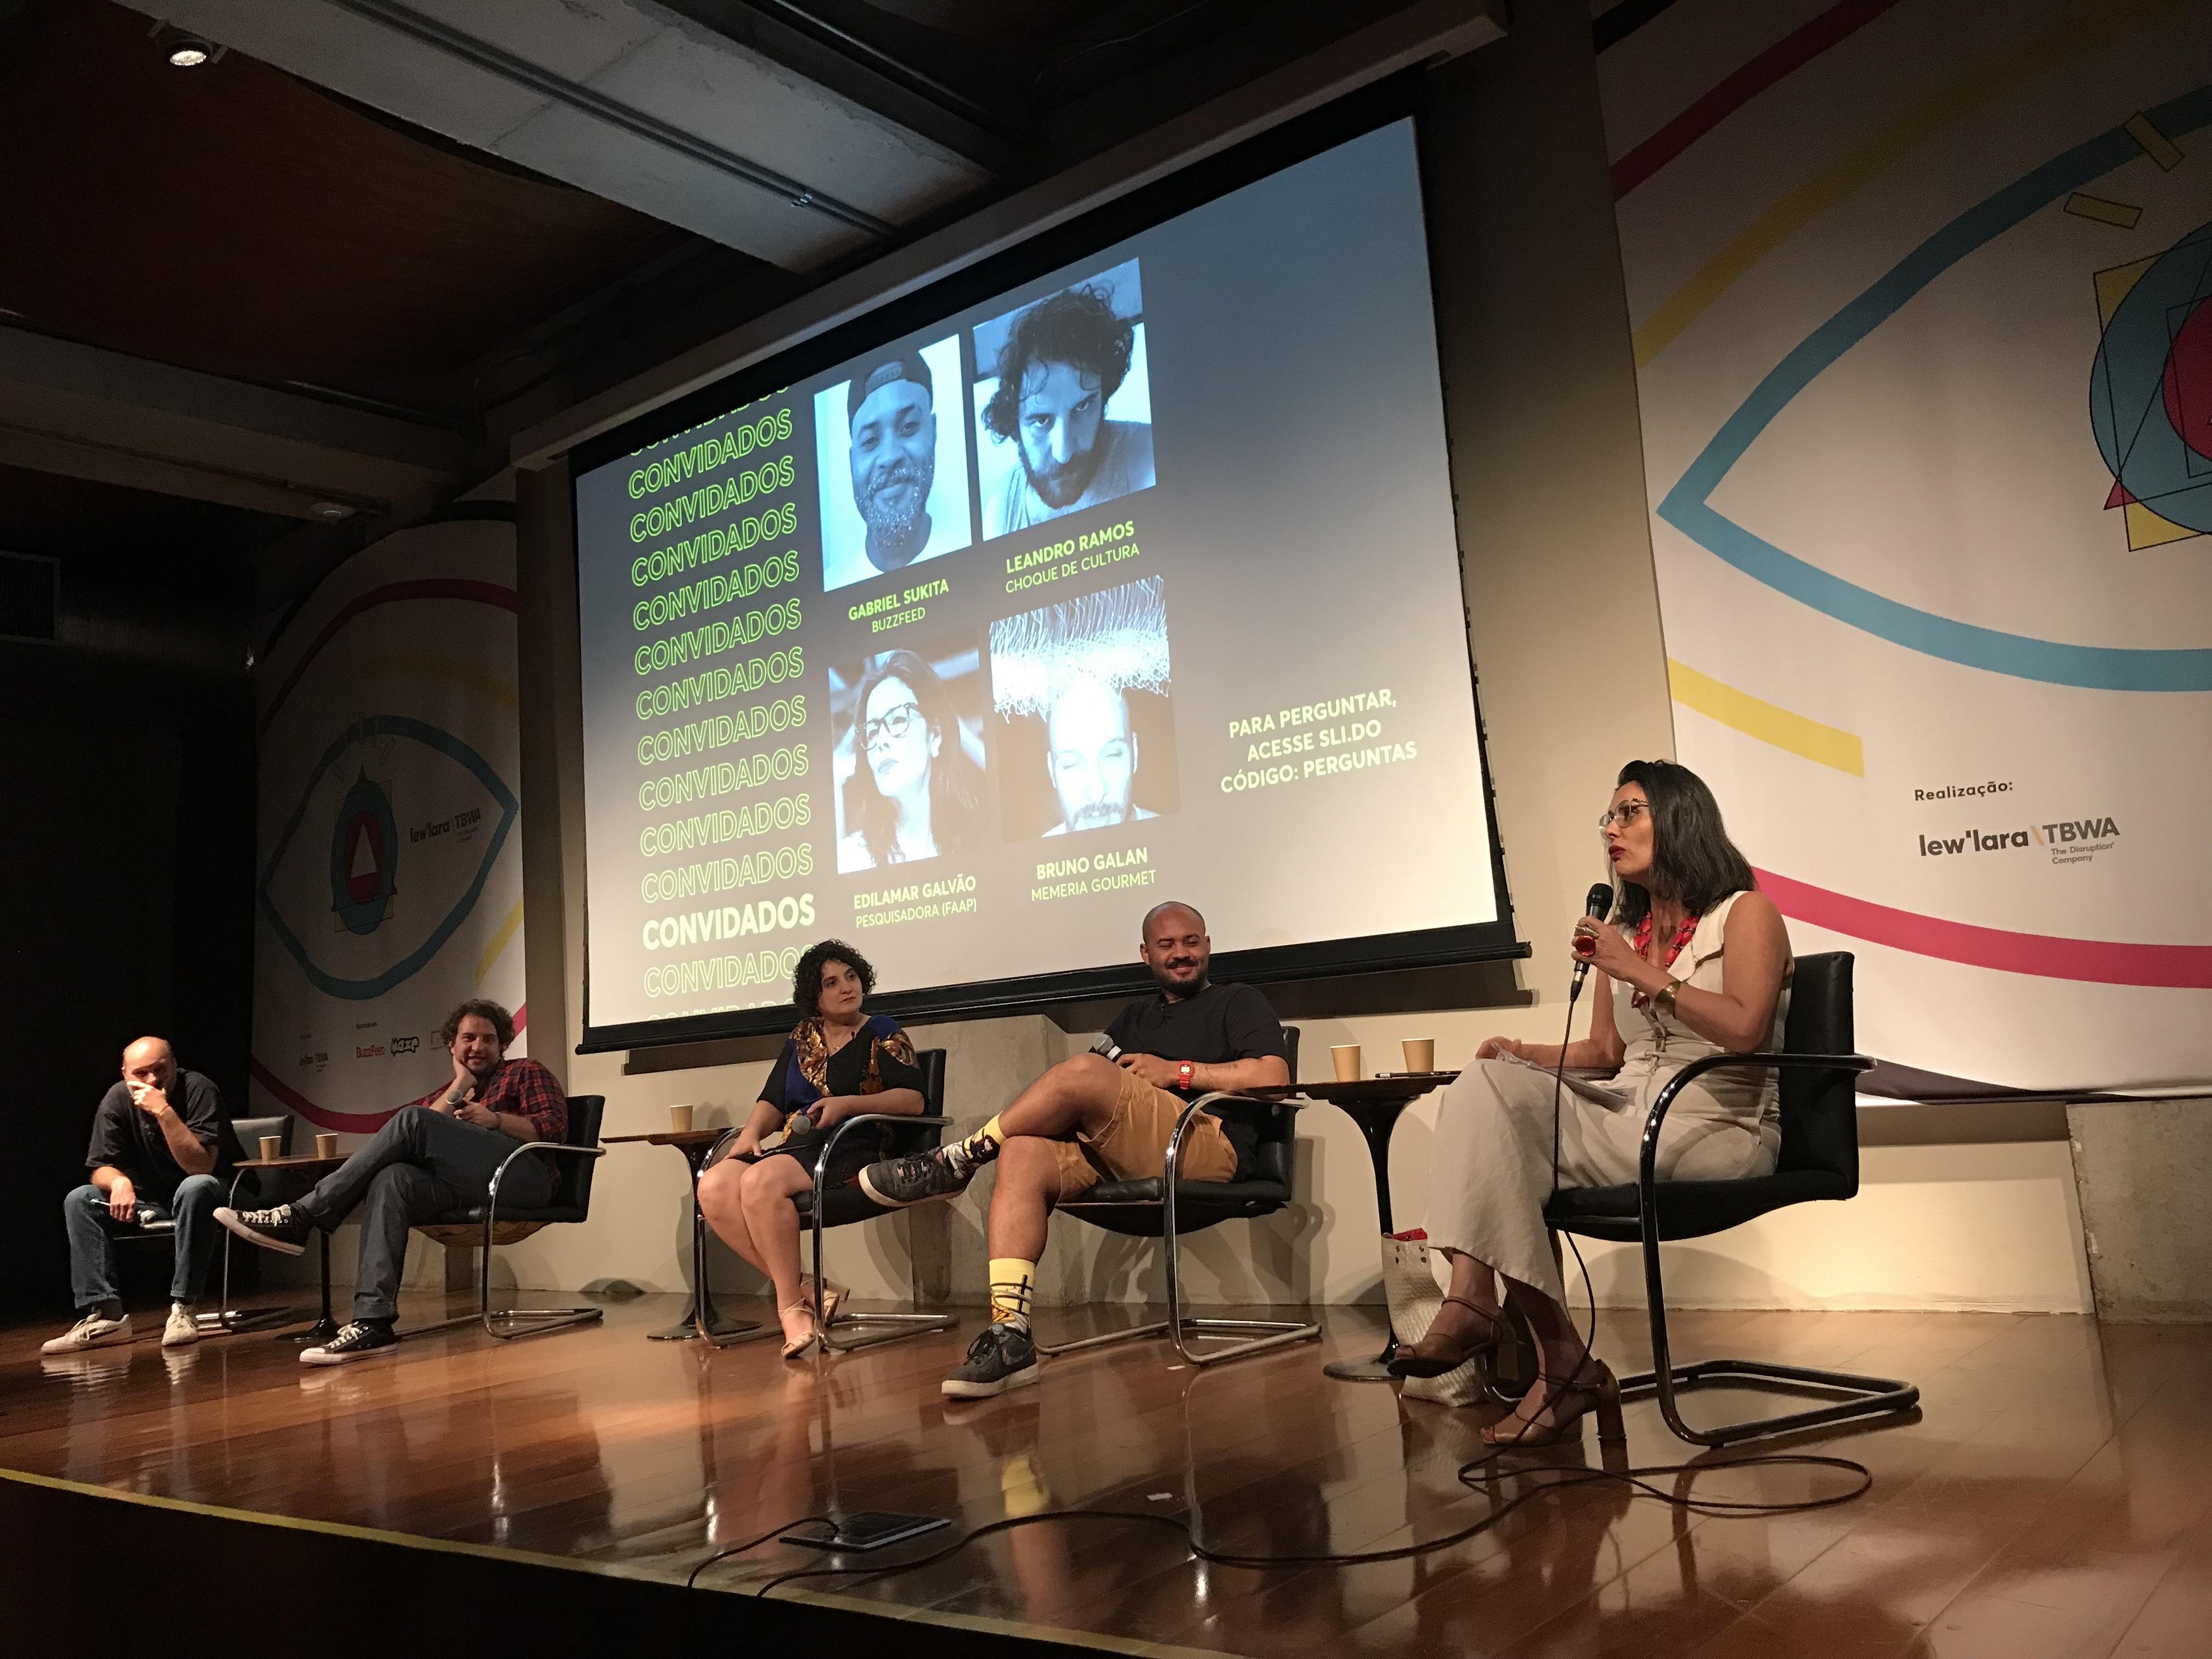 #ChamaNaCultura@: gente bacana, talks interessantes e o principal: um mergulho na cultura